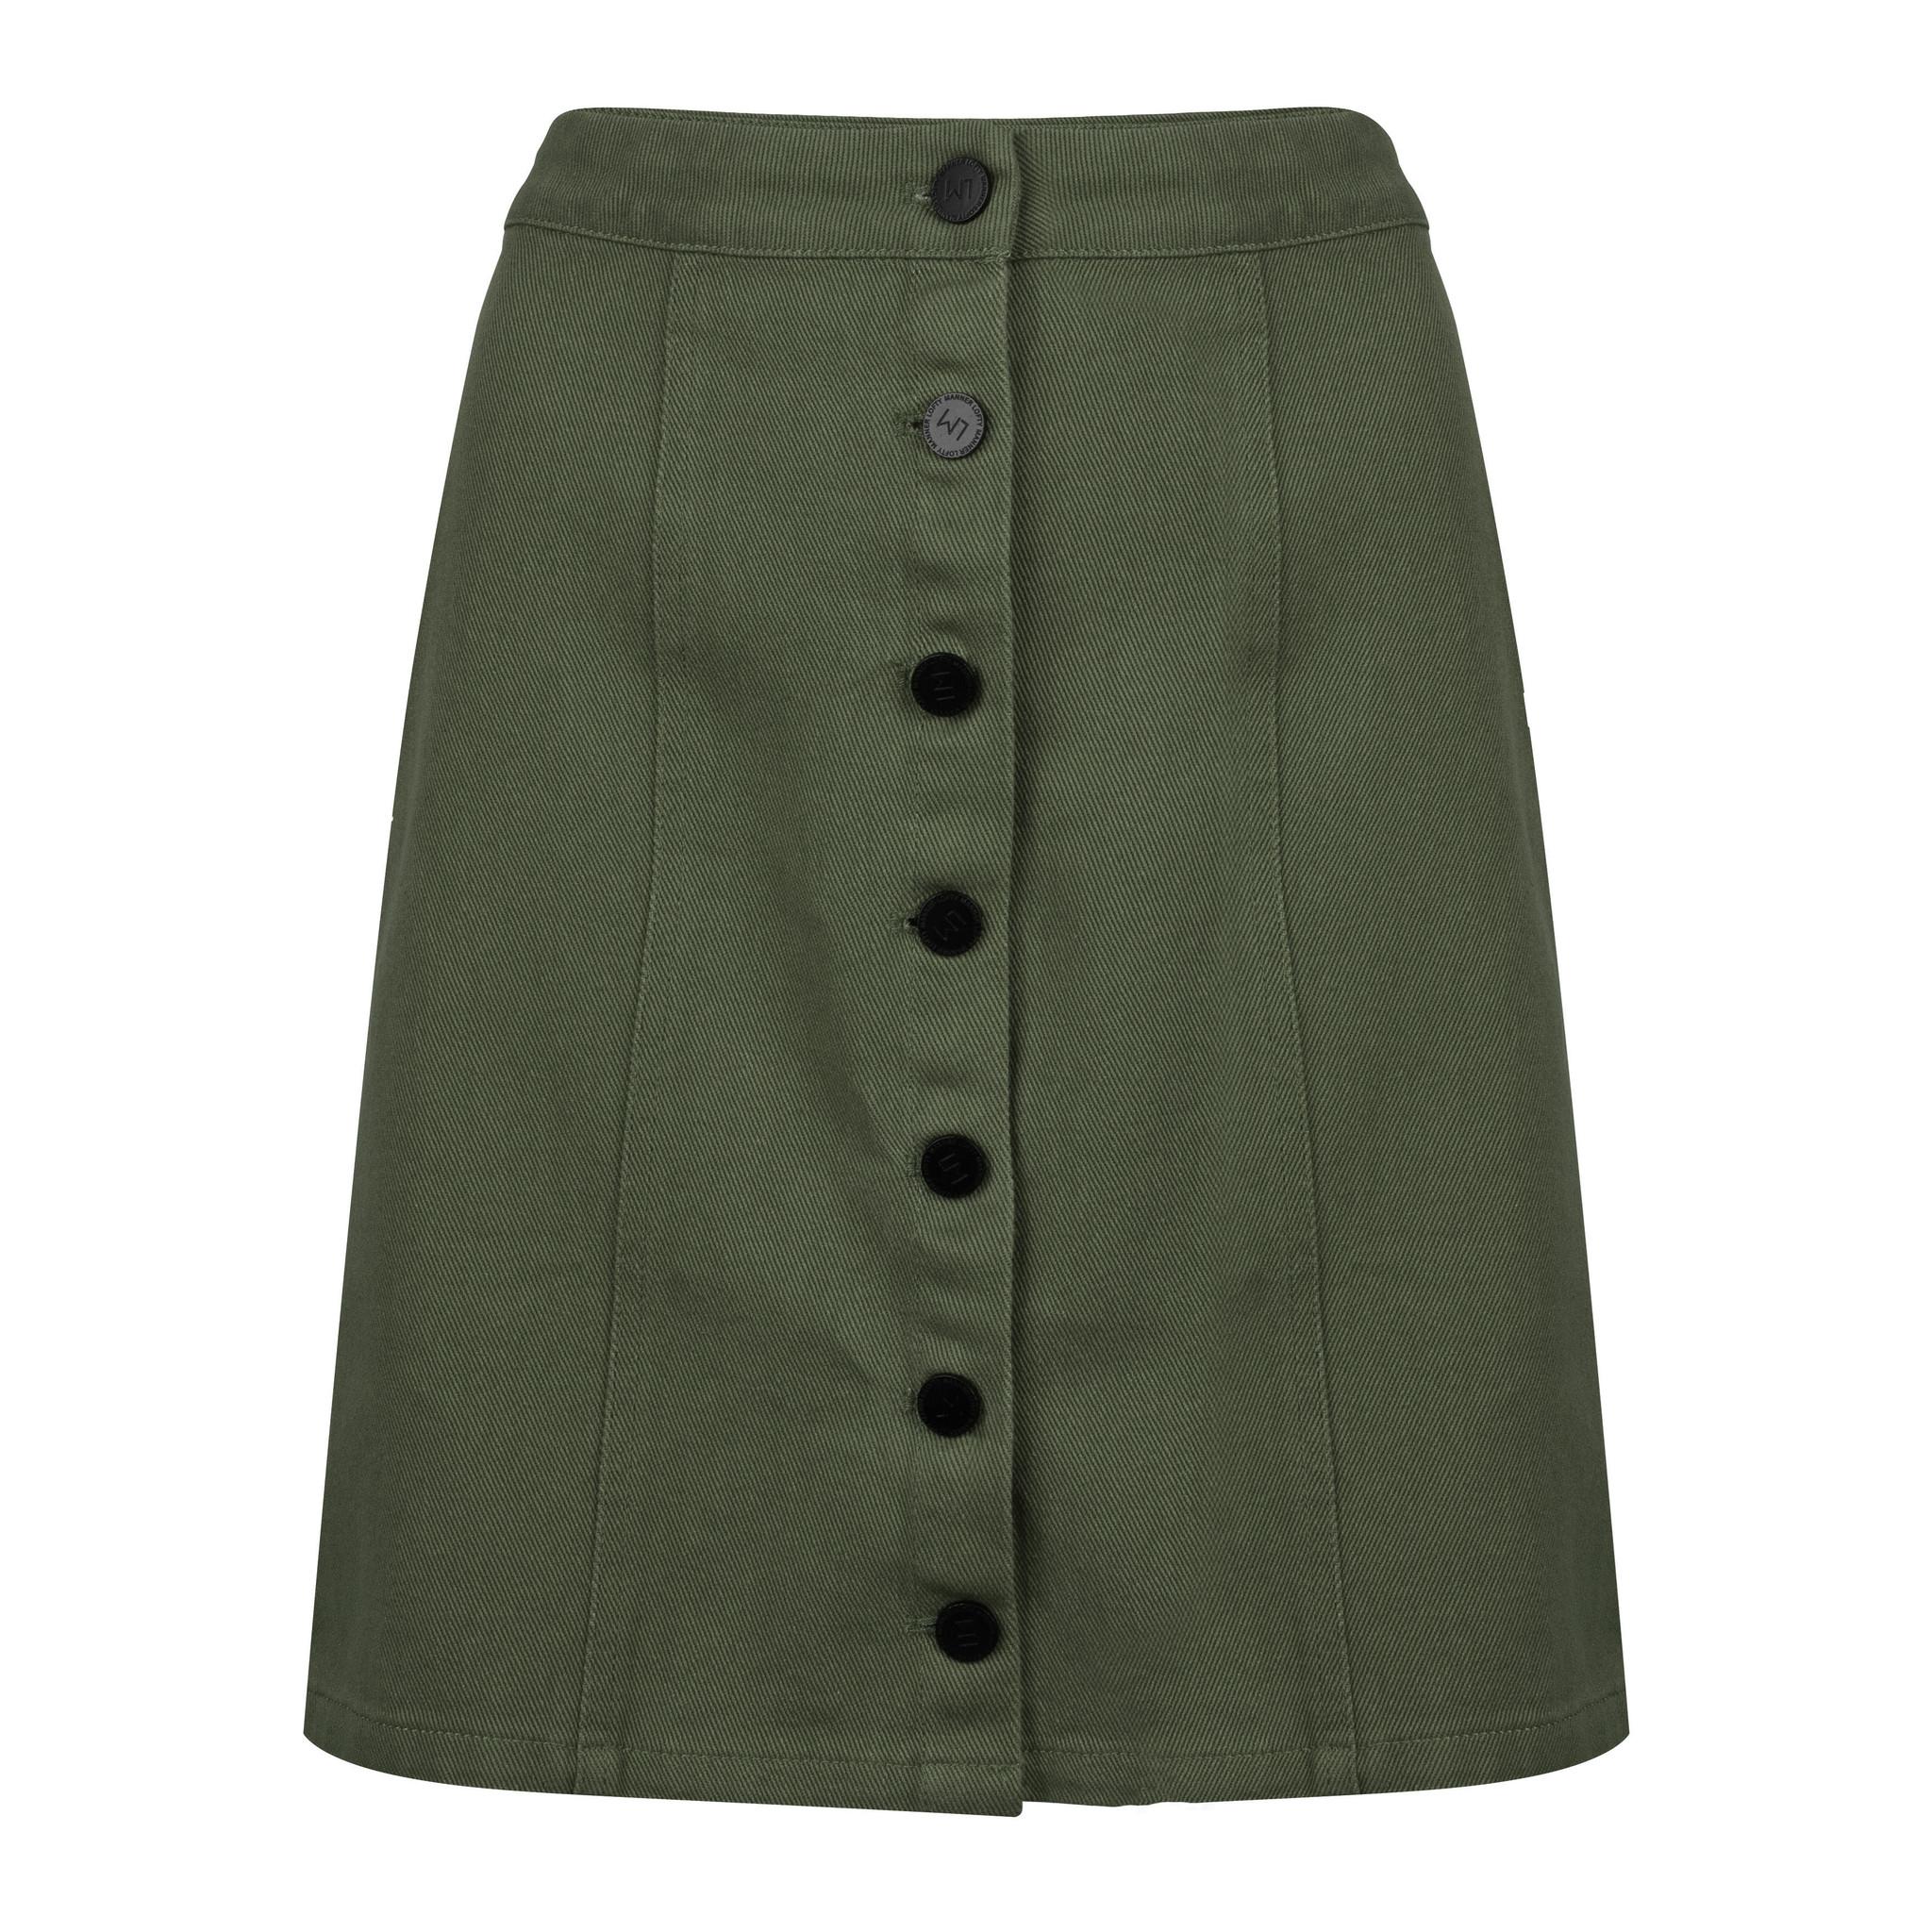 Lofty Manner Green Denim Skirt Janine